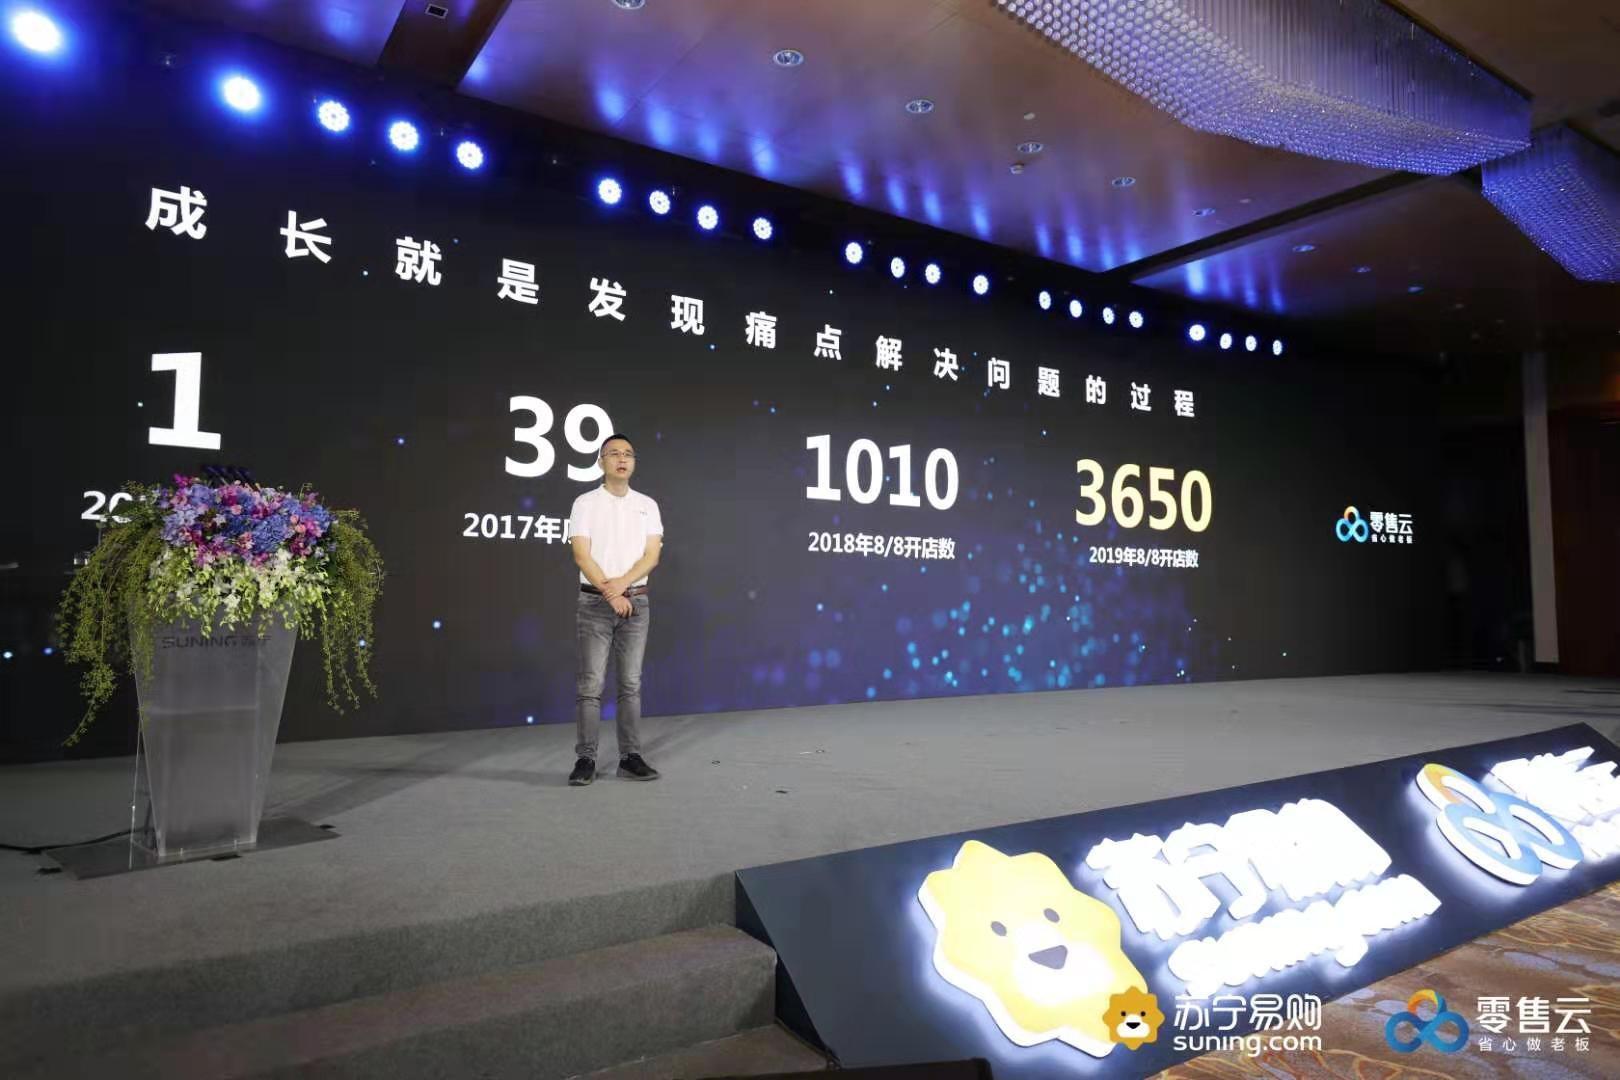 下沉市场加速 苏宁零售云门店2021年将开至12000家